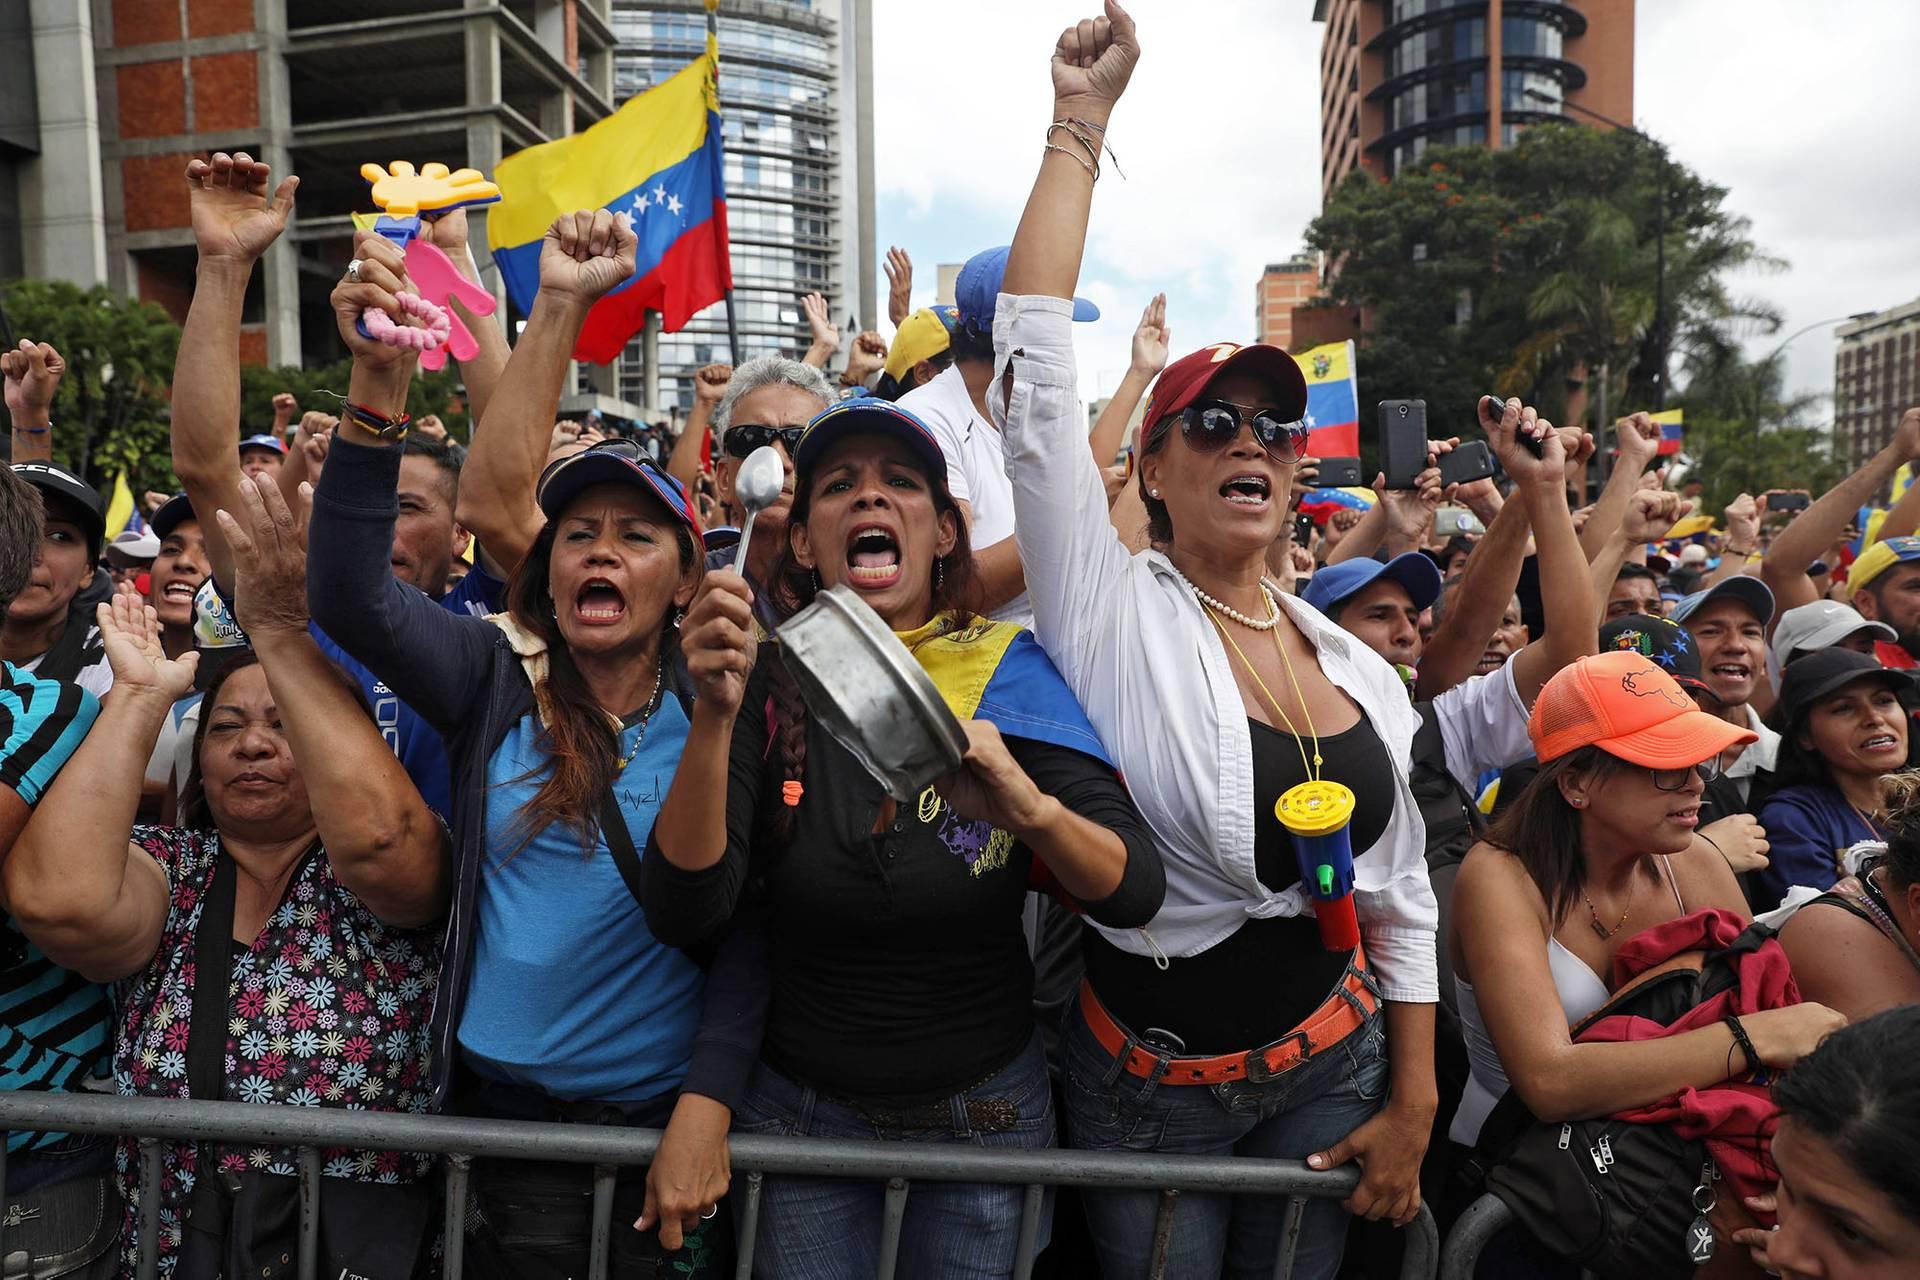 Учасники акції протесту проти президента Мадуро у Каракасі, Венесуела, 23 січня 2019 року. У столиці Венесуели відбувся багатотисячний мітинг проти президента Ніколаса Мадуро, під час якого голова парламенту Венесуели, лідер місцевої опозиції Хуан Гуайдо оголосив себе тимчасовим президентом країни